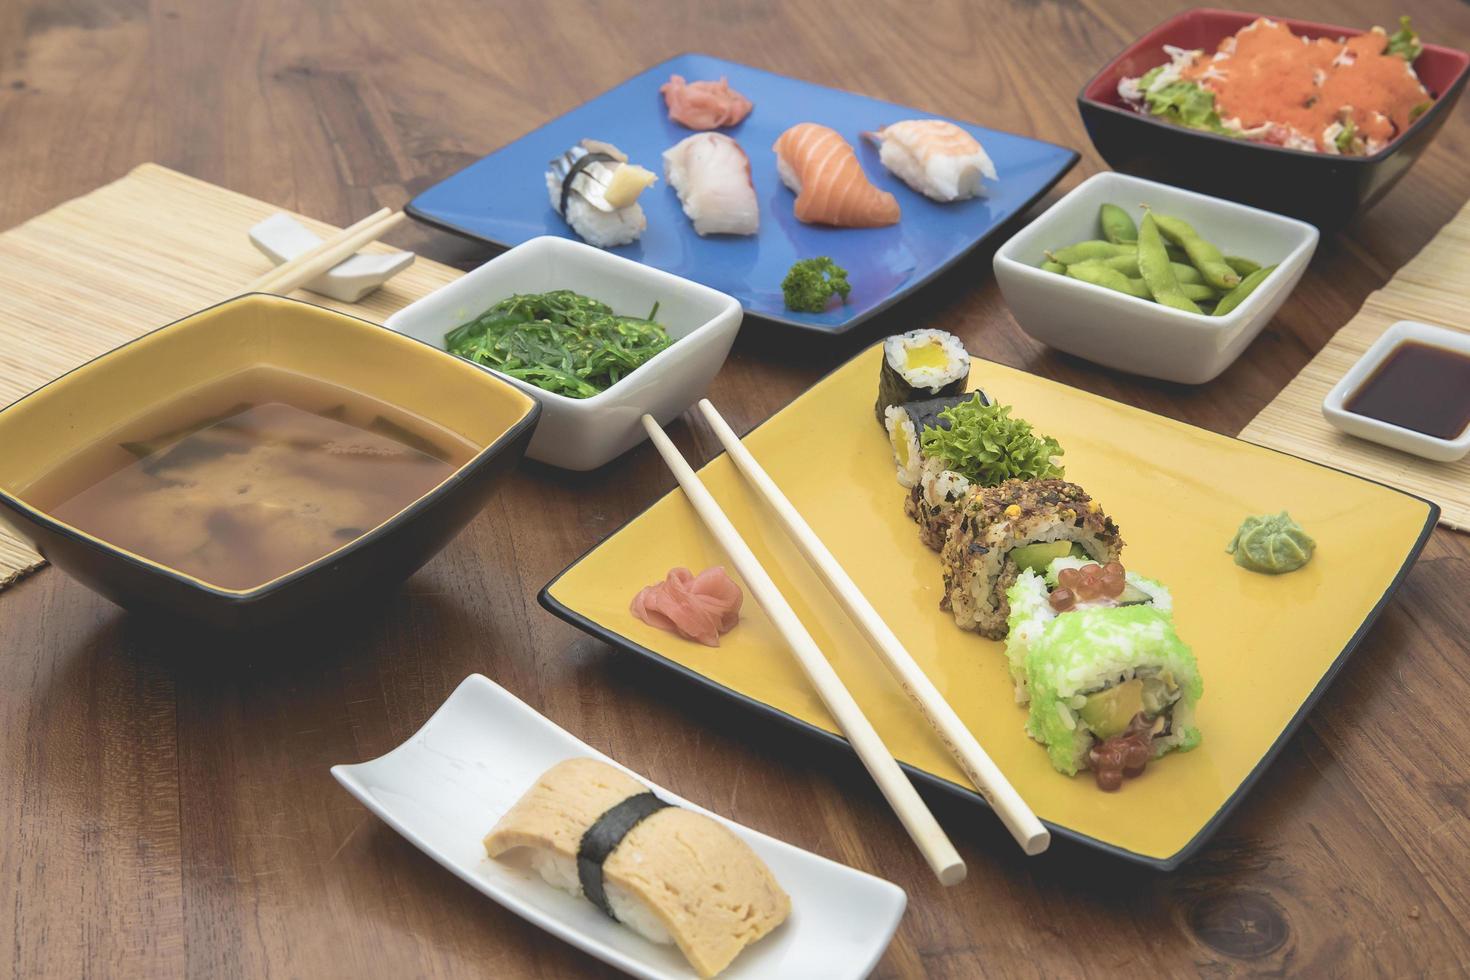 platos de comida japonesa en la mesa de madera foto